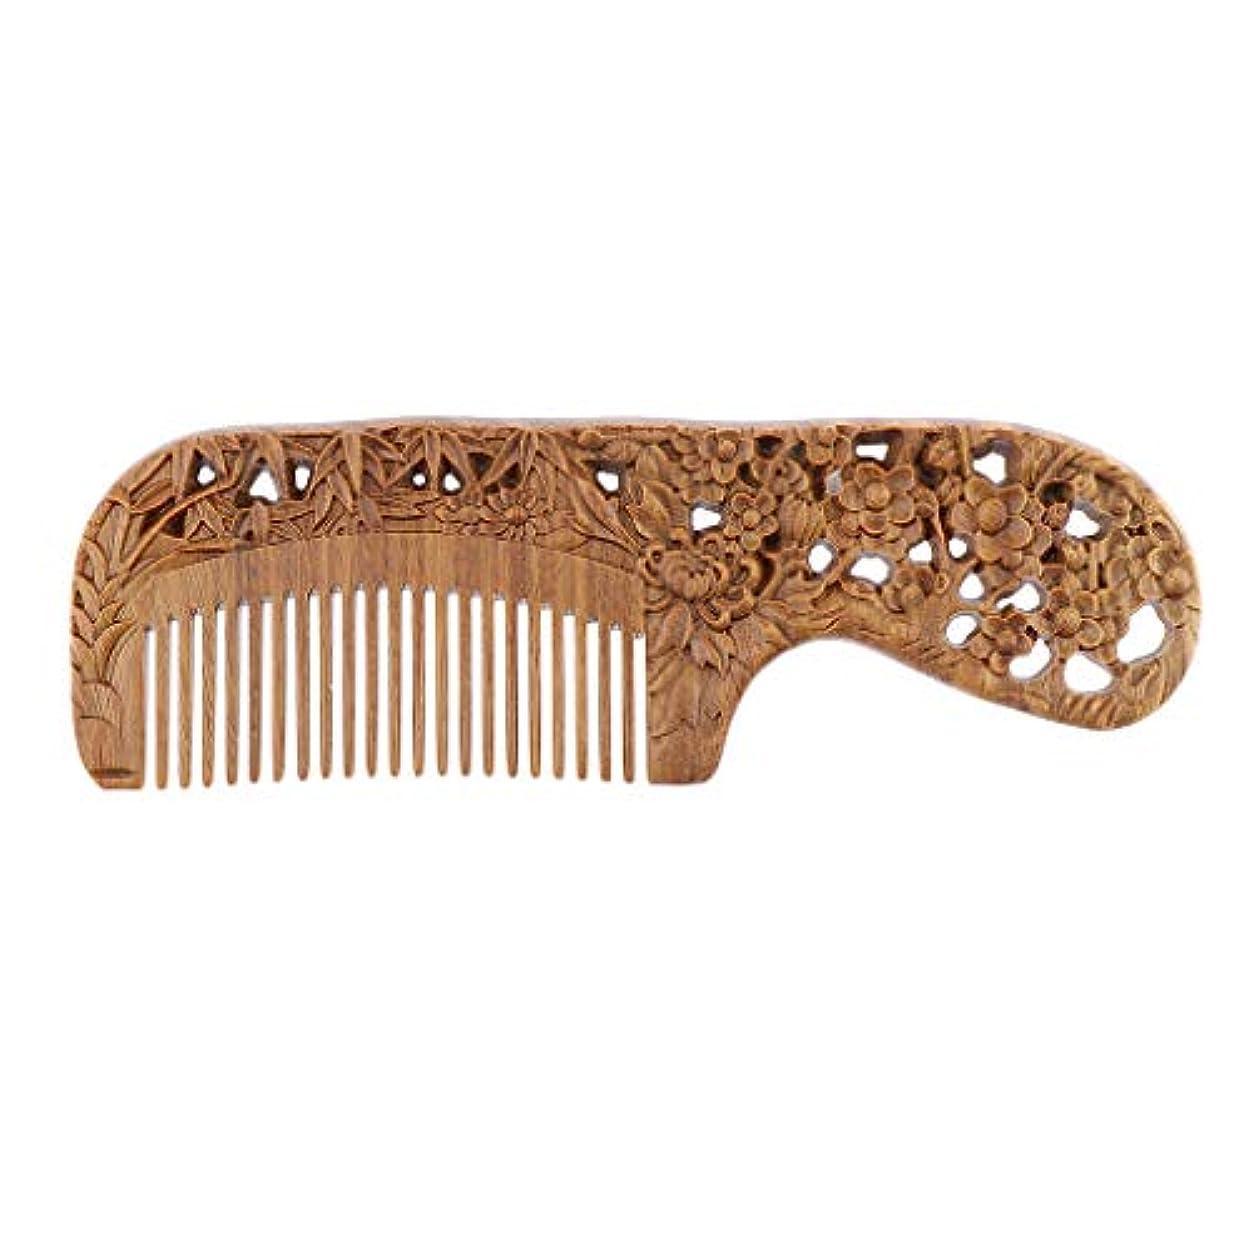 明らか空の嵐の手作り 木製櫛 ヘアブラシ ヘアコーム 頭皮マッサージ レトロ 4タイプ選べ - 17.8 x 5.6 x 11.5 cm